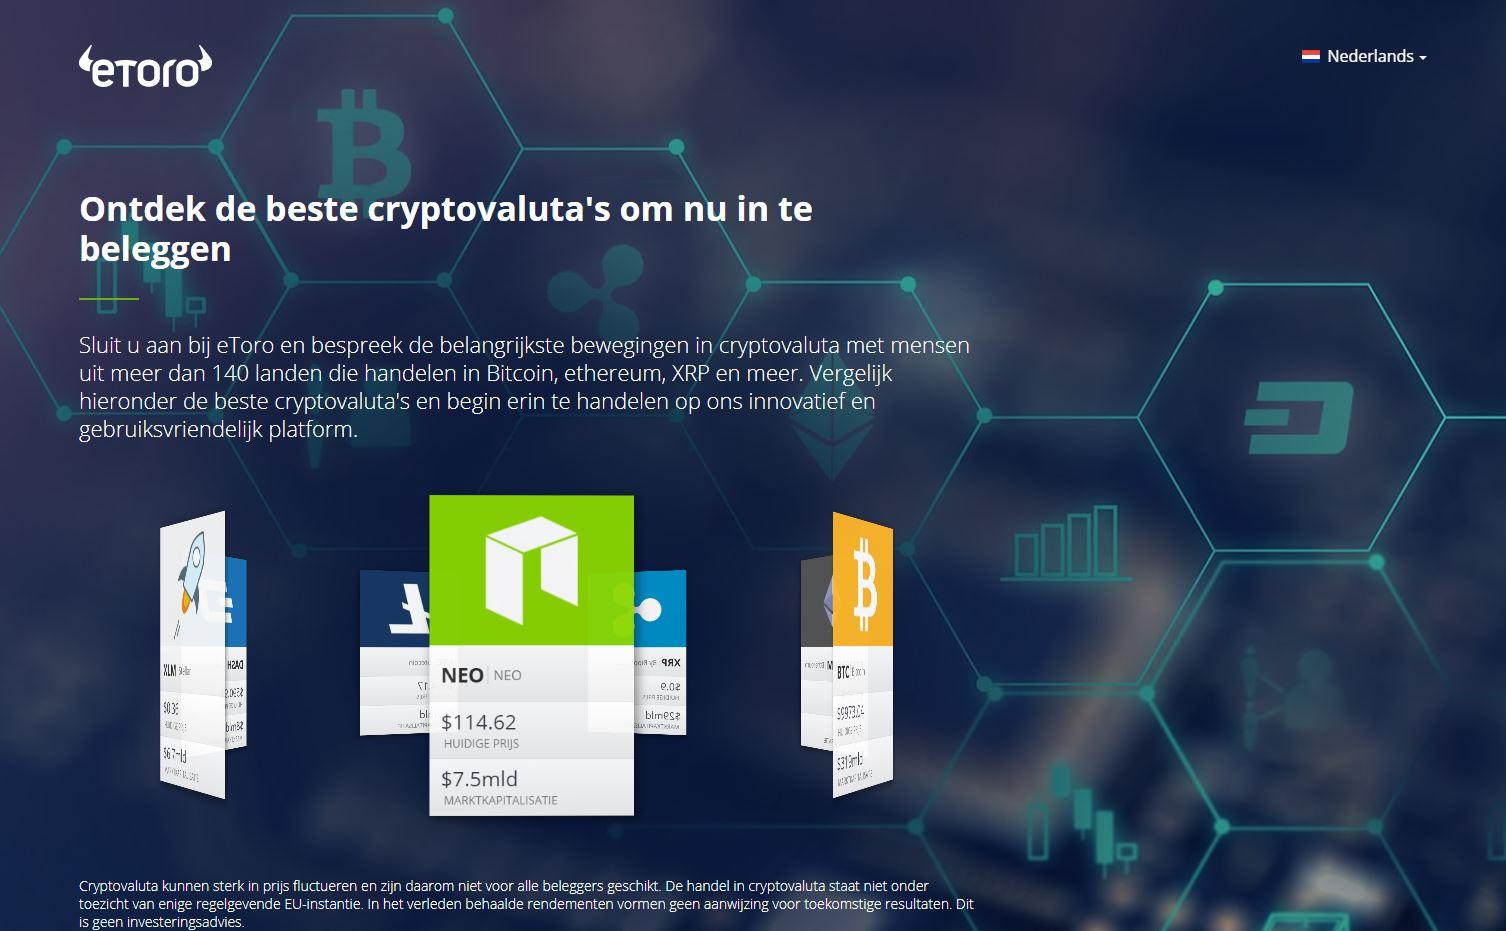 Crypto platform, eToro wallet